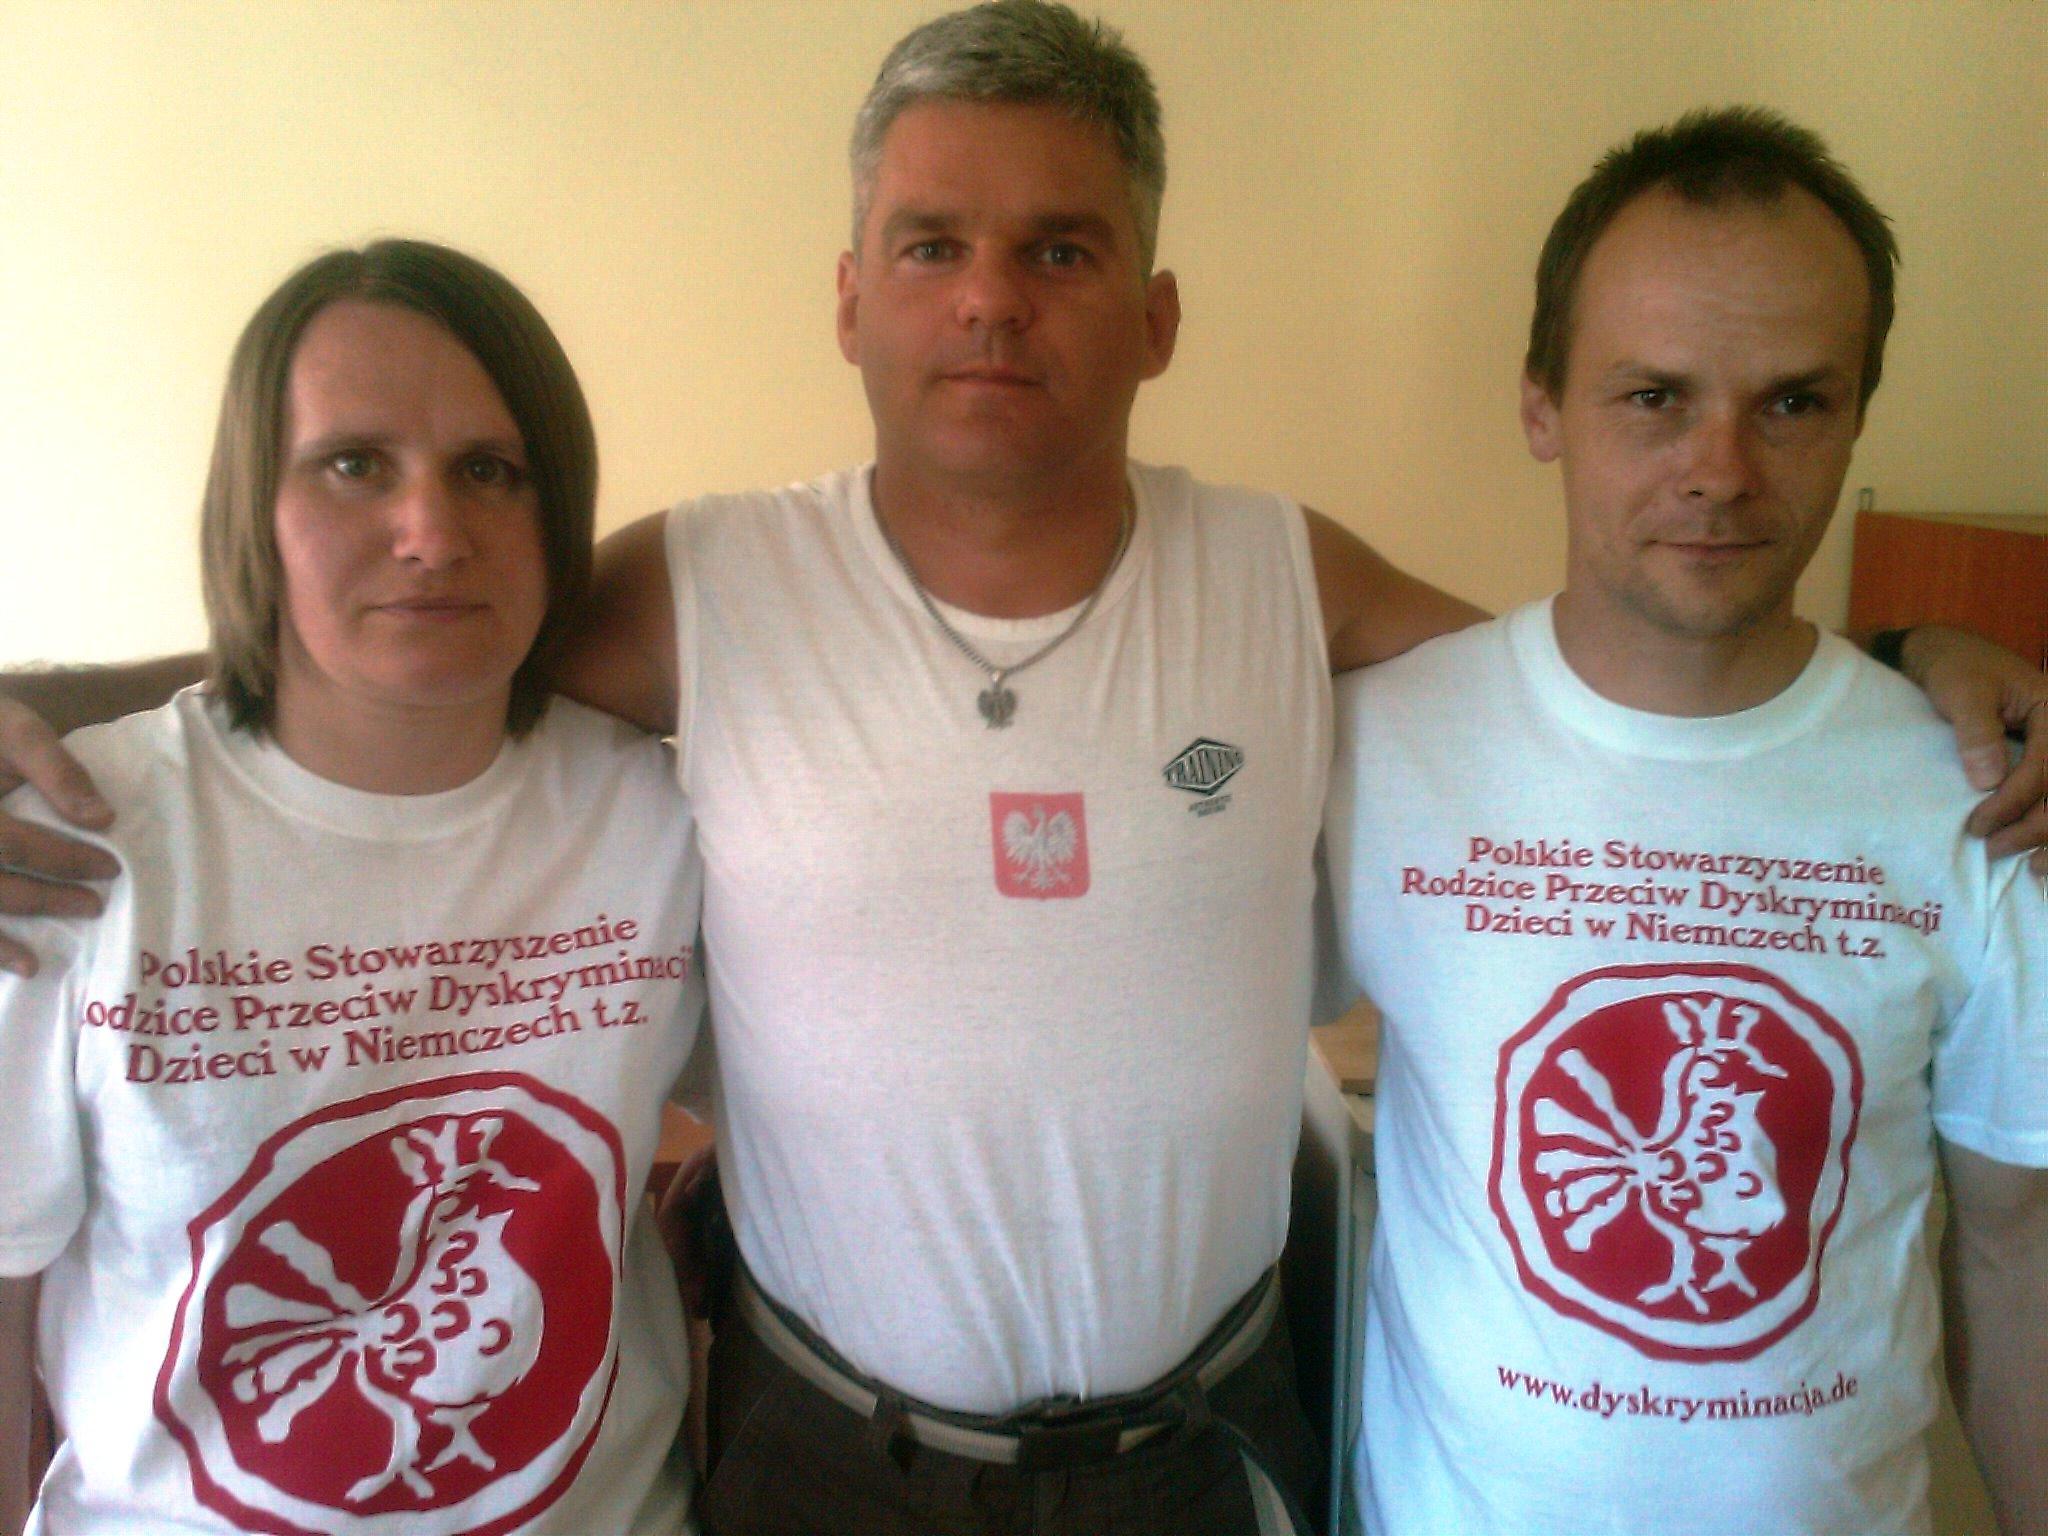 Niemiecki Jugendamt chce odebrania dzieci rodzinie z Bytomia!